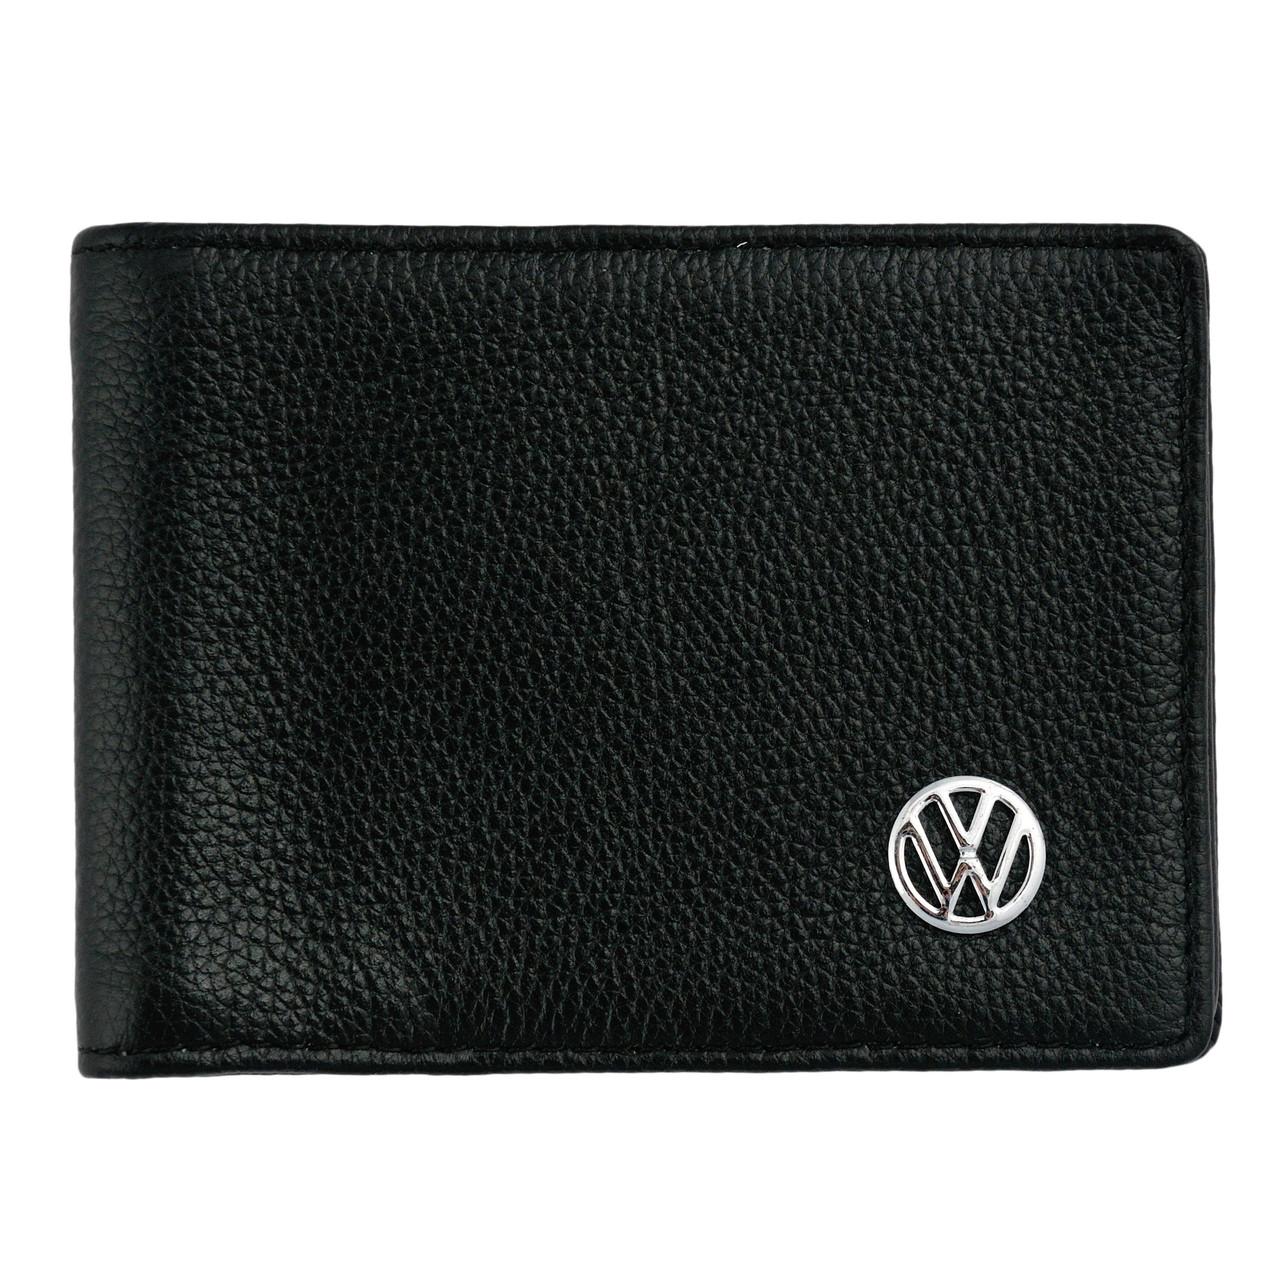 Кожаный бумажник двойного сложения с эмблемой VOLKSWAGEN